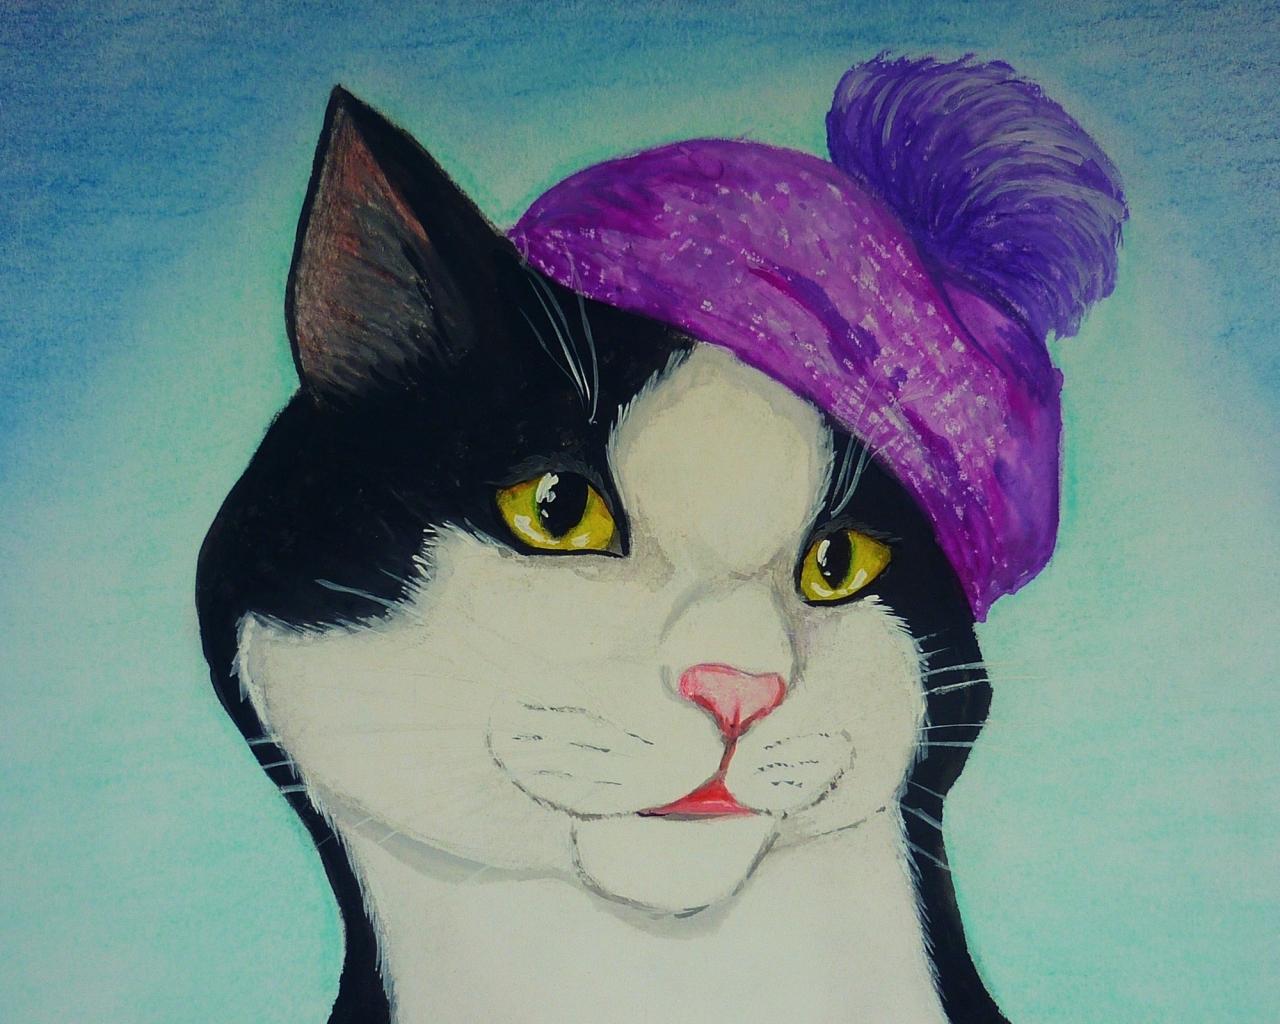 Imagen De Dibujo 3d De Gato Para Fondo De Pantalla: Dibujo Y Pintura De Un Gato Hd 1280x1024